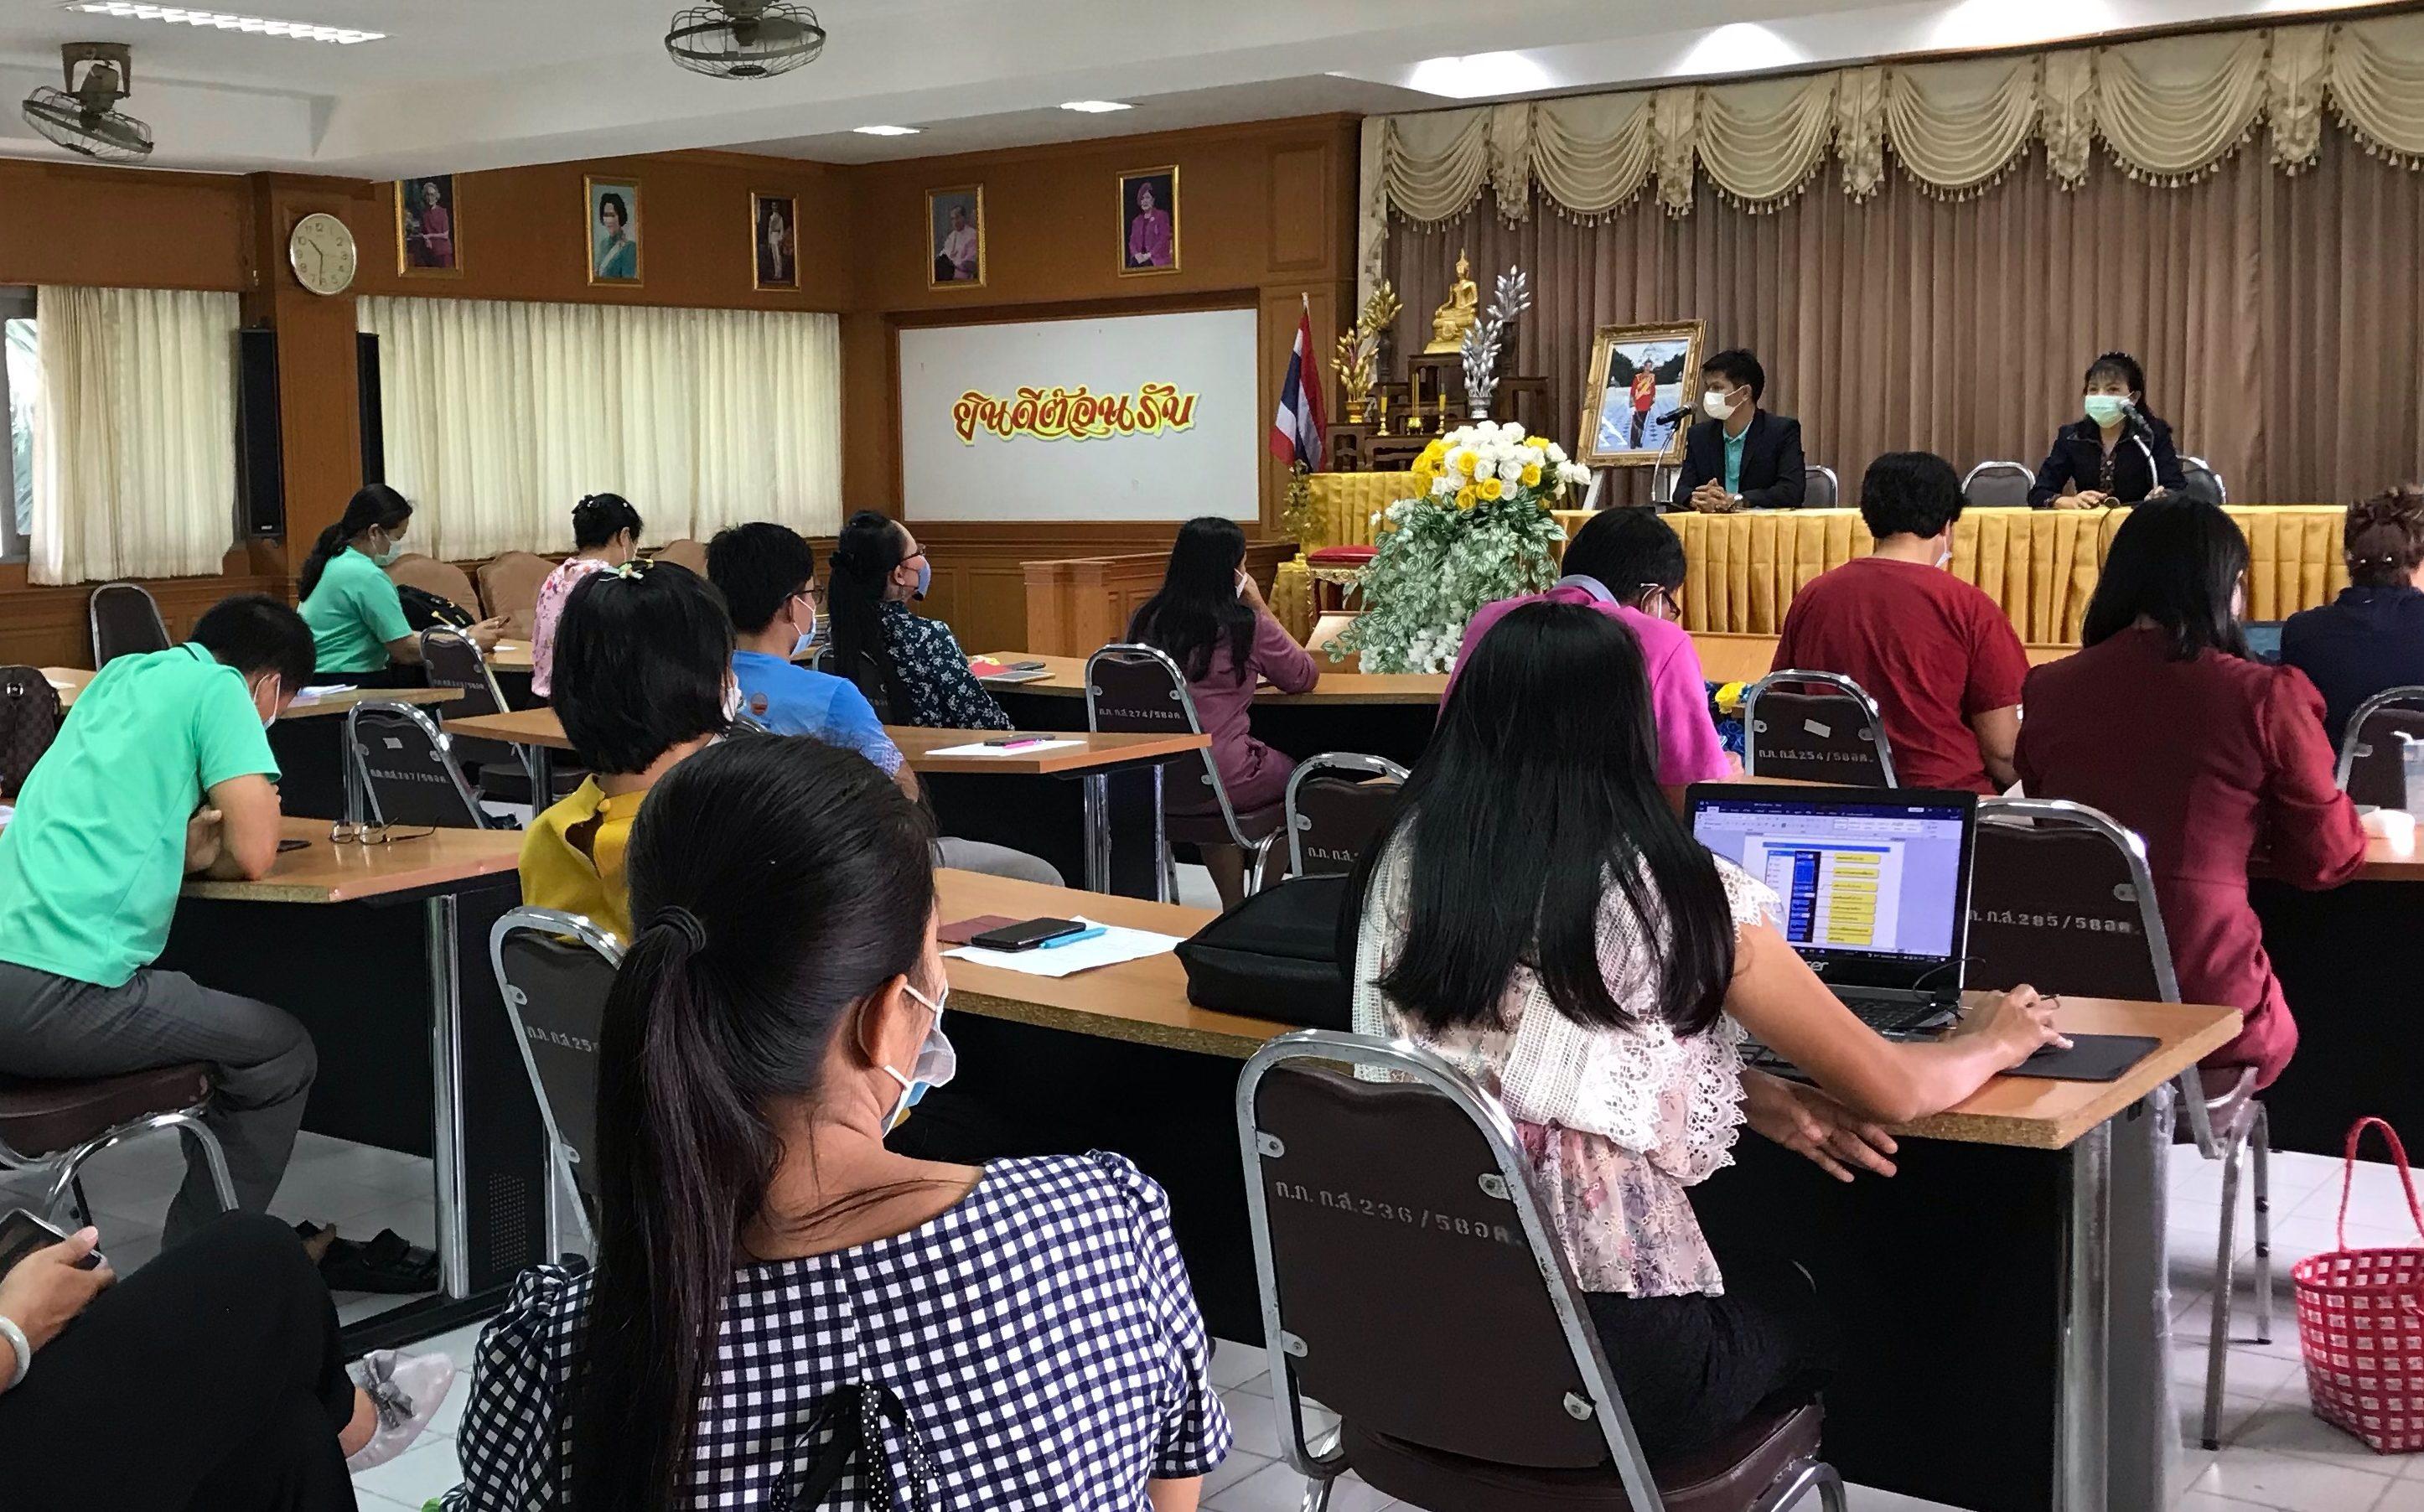 โรงเรียนกาญจนาภิเษกวิทยาลัย กาฬสินธุ์ นิเทศ ติดตาม การจัดการเรียนการสอน ครั้งที่ 1/2564